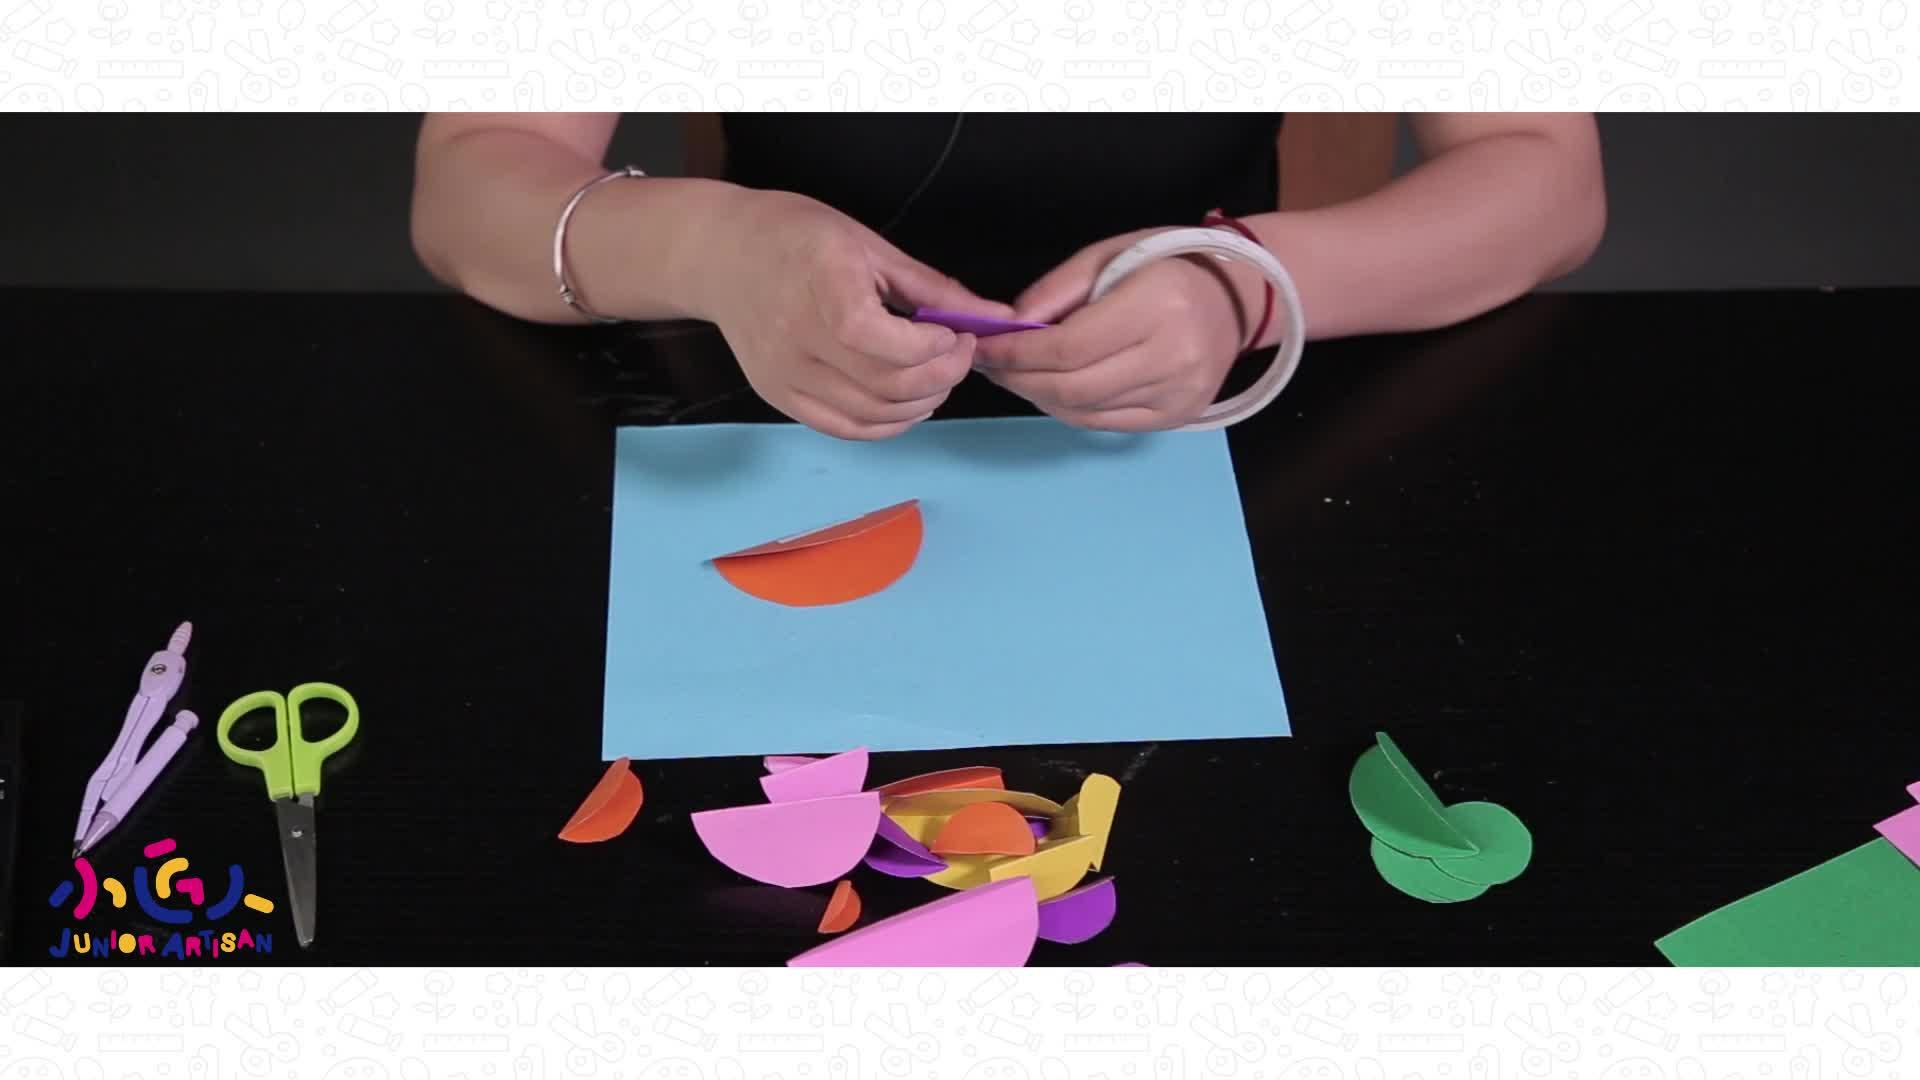 幼儿简单手工小制作:小匠人剪纸手工如何用纸做小鱼.-小匠人tv-六.